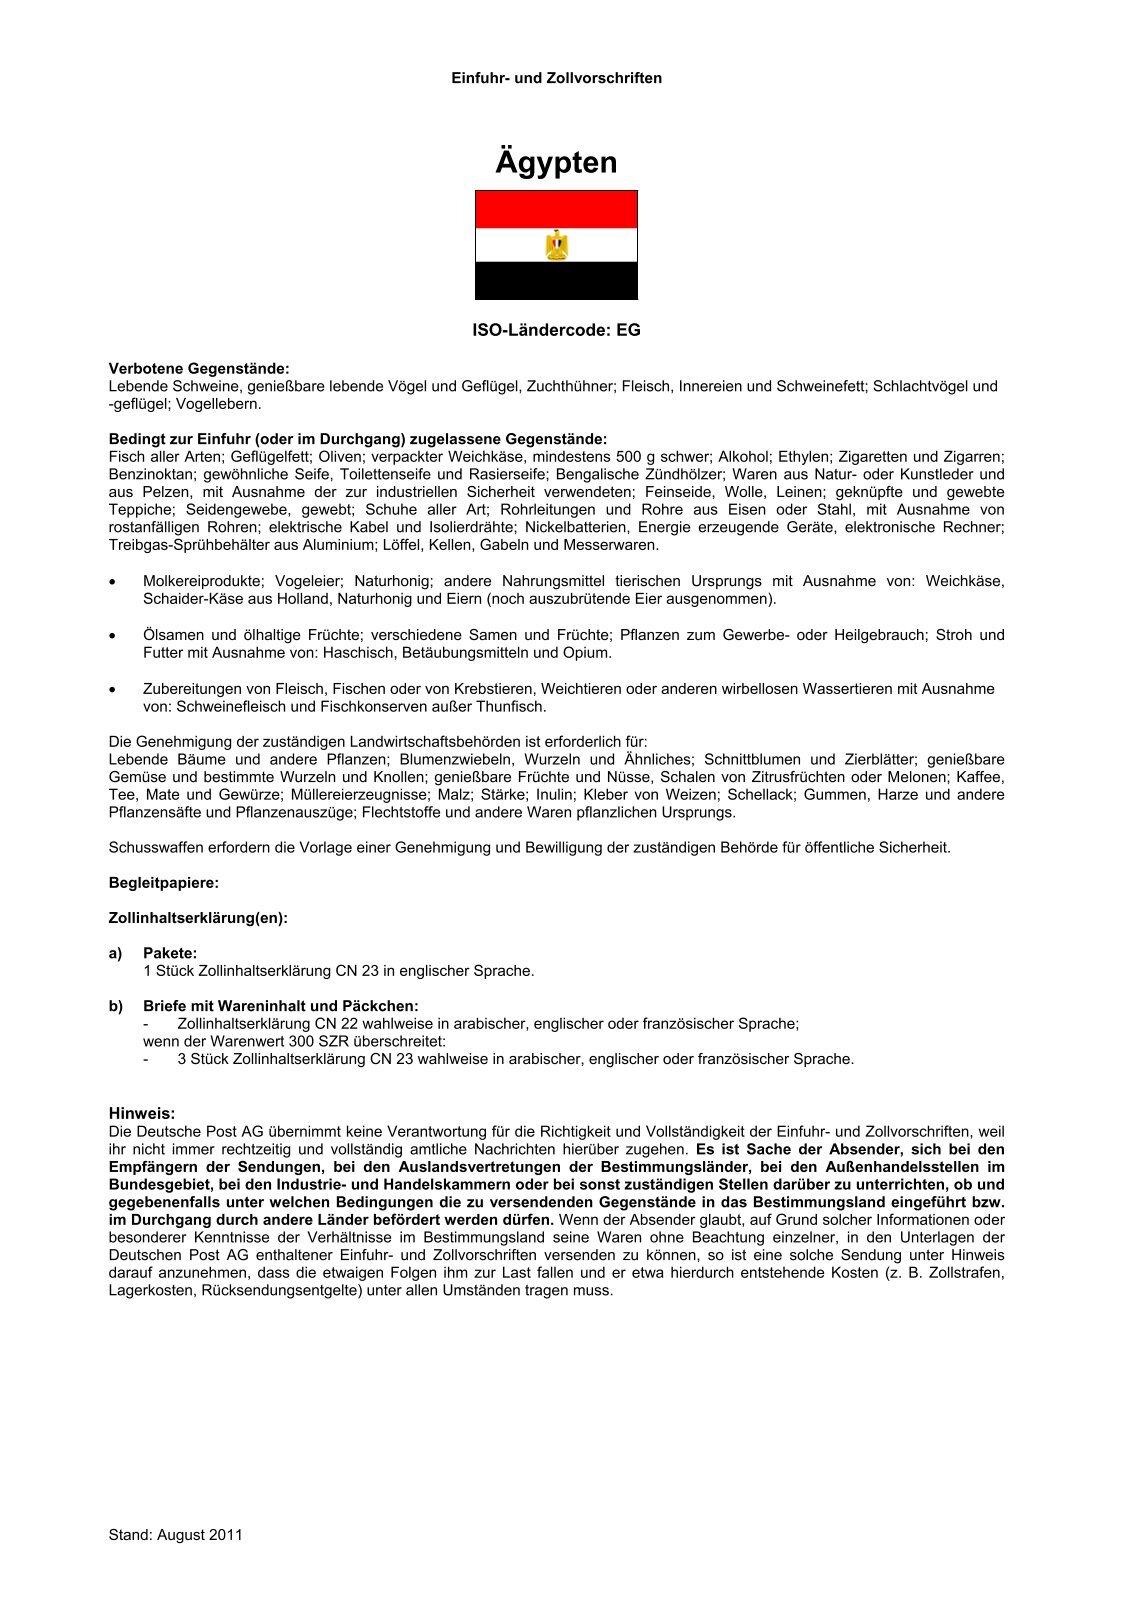 Charmant Medizinstudent Lebenslauf Probe Aamc Zeitgenössisch - Entry ...